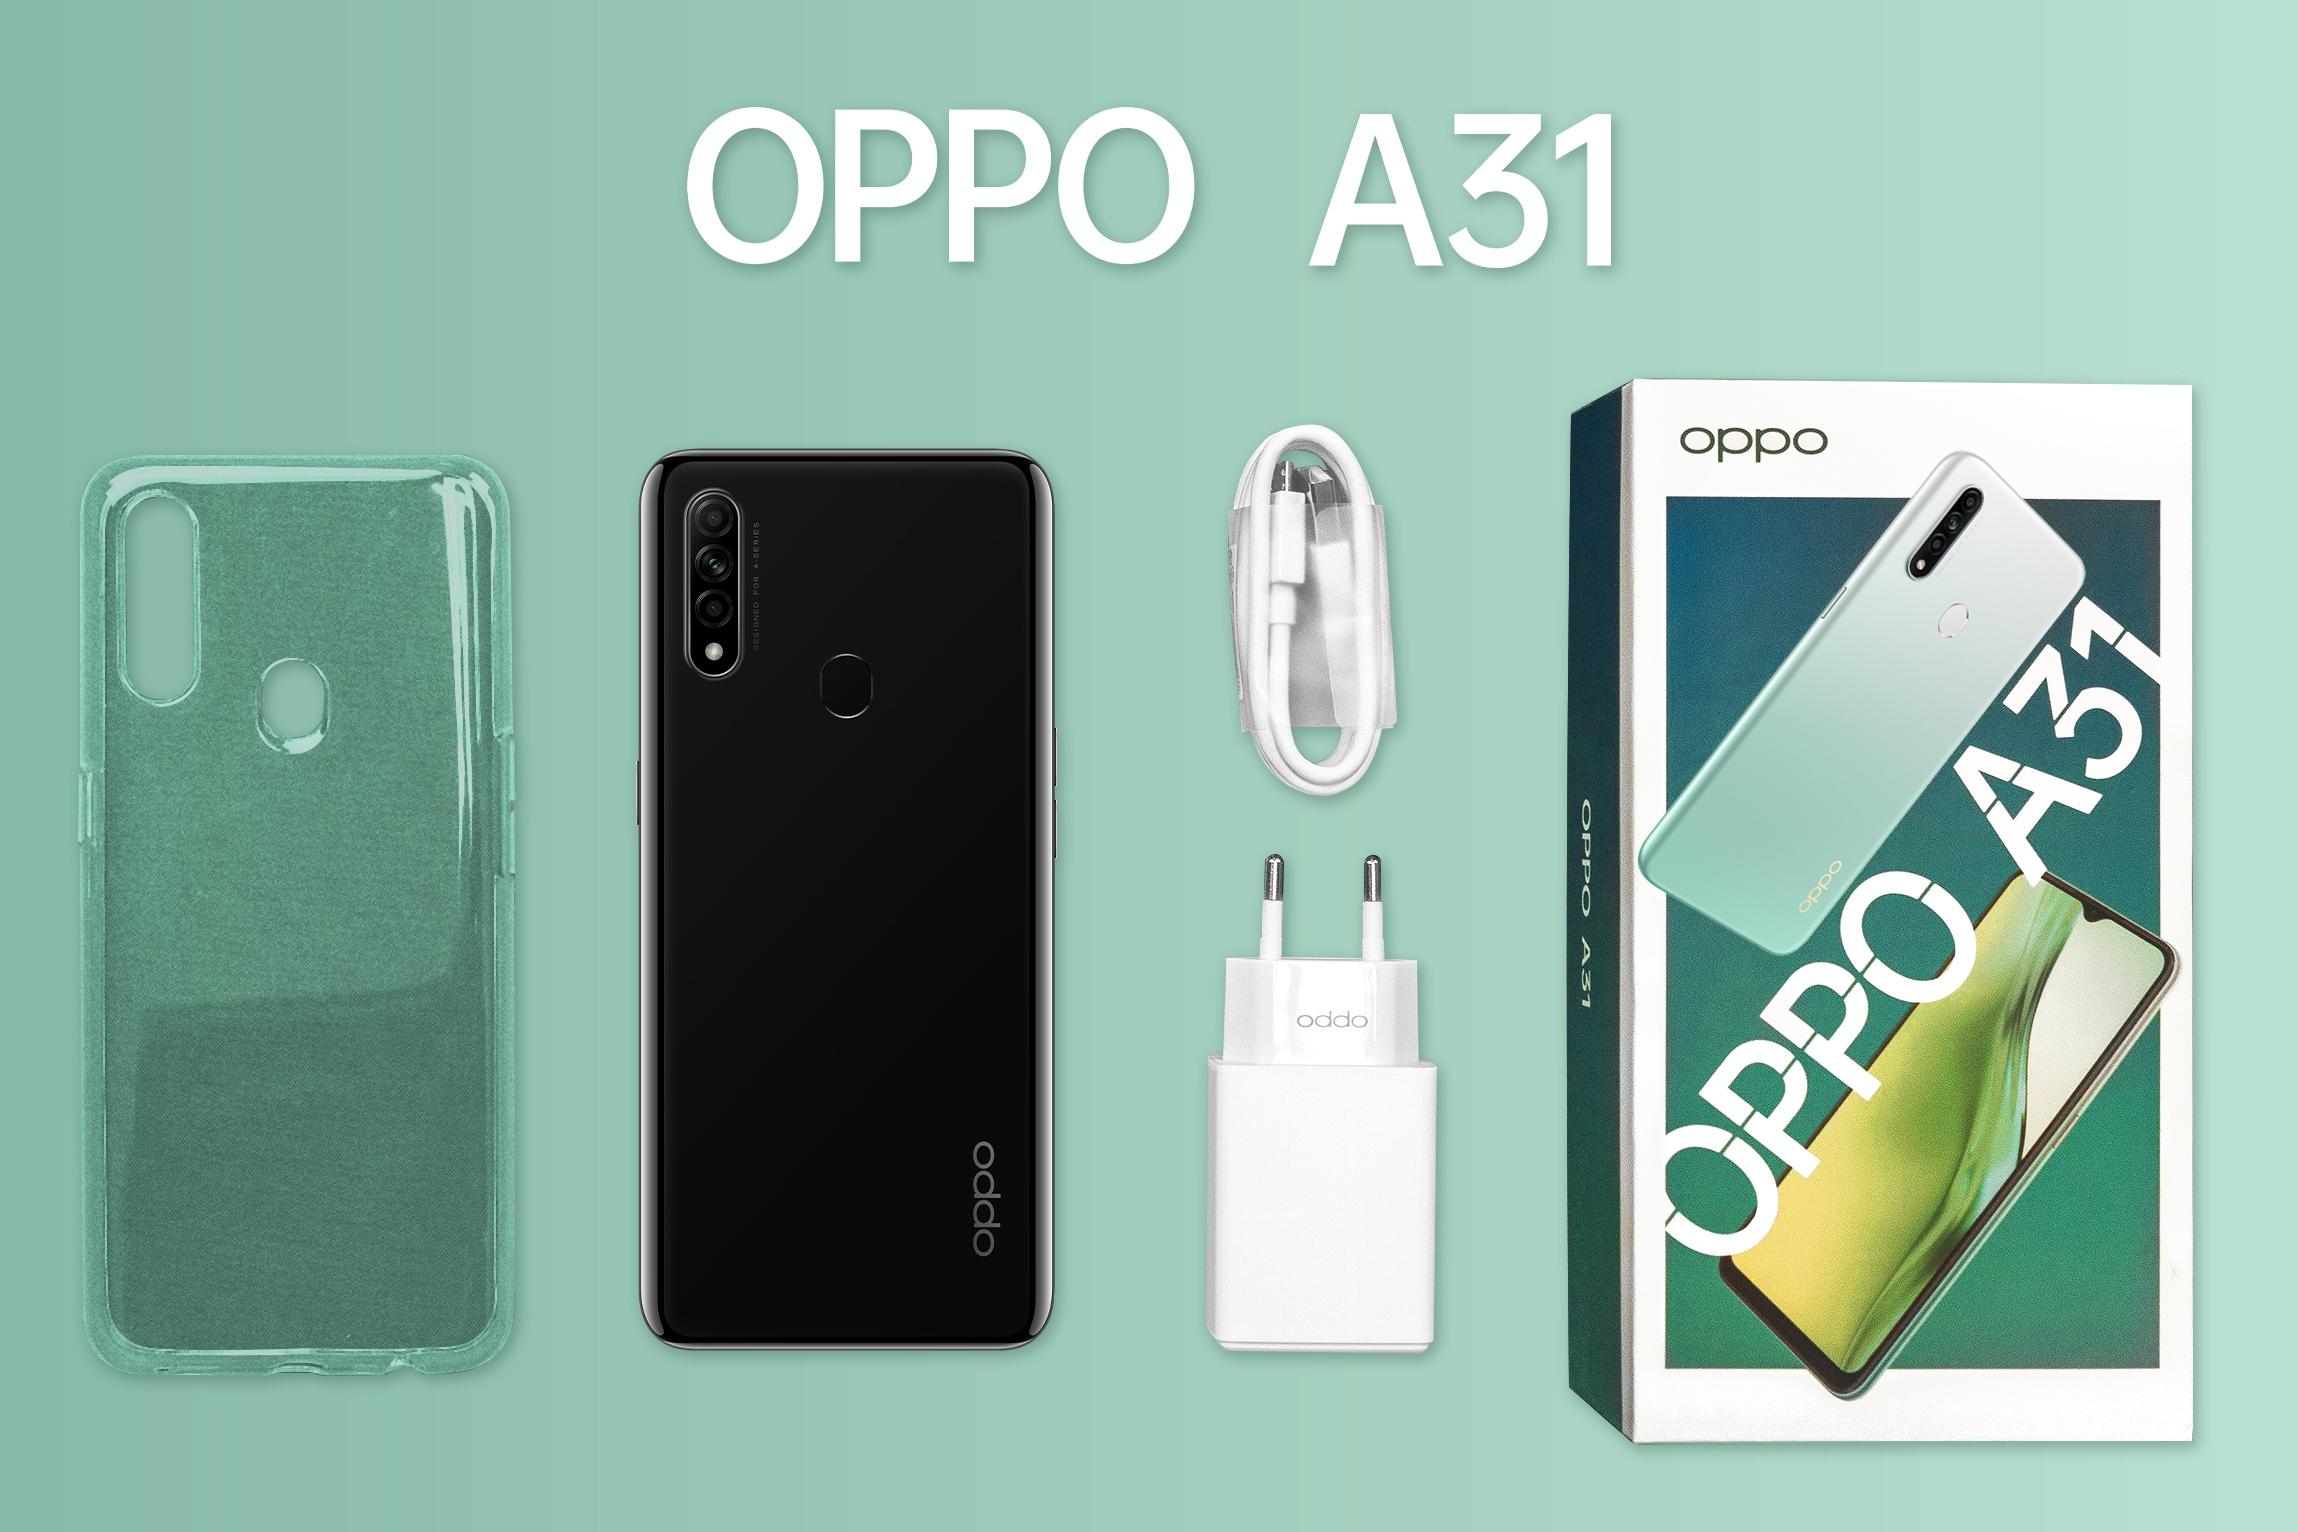 ᐉ Смартфон OPPO A31 4/64GB Mystery Black ➠ купить в Украине: Киев, Харьков,  Днепр, Одесса | цена в ELDORADO